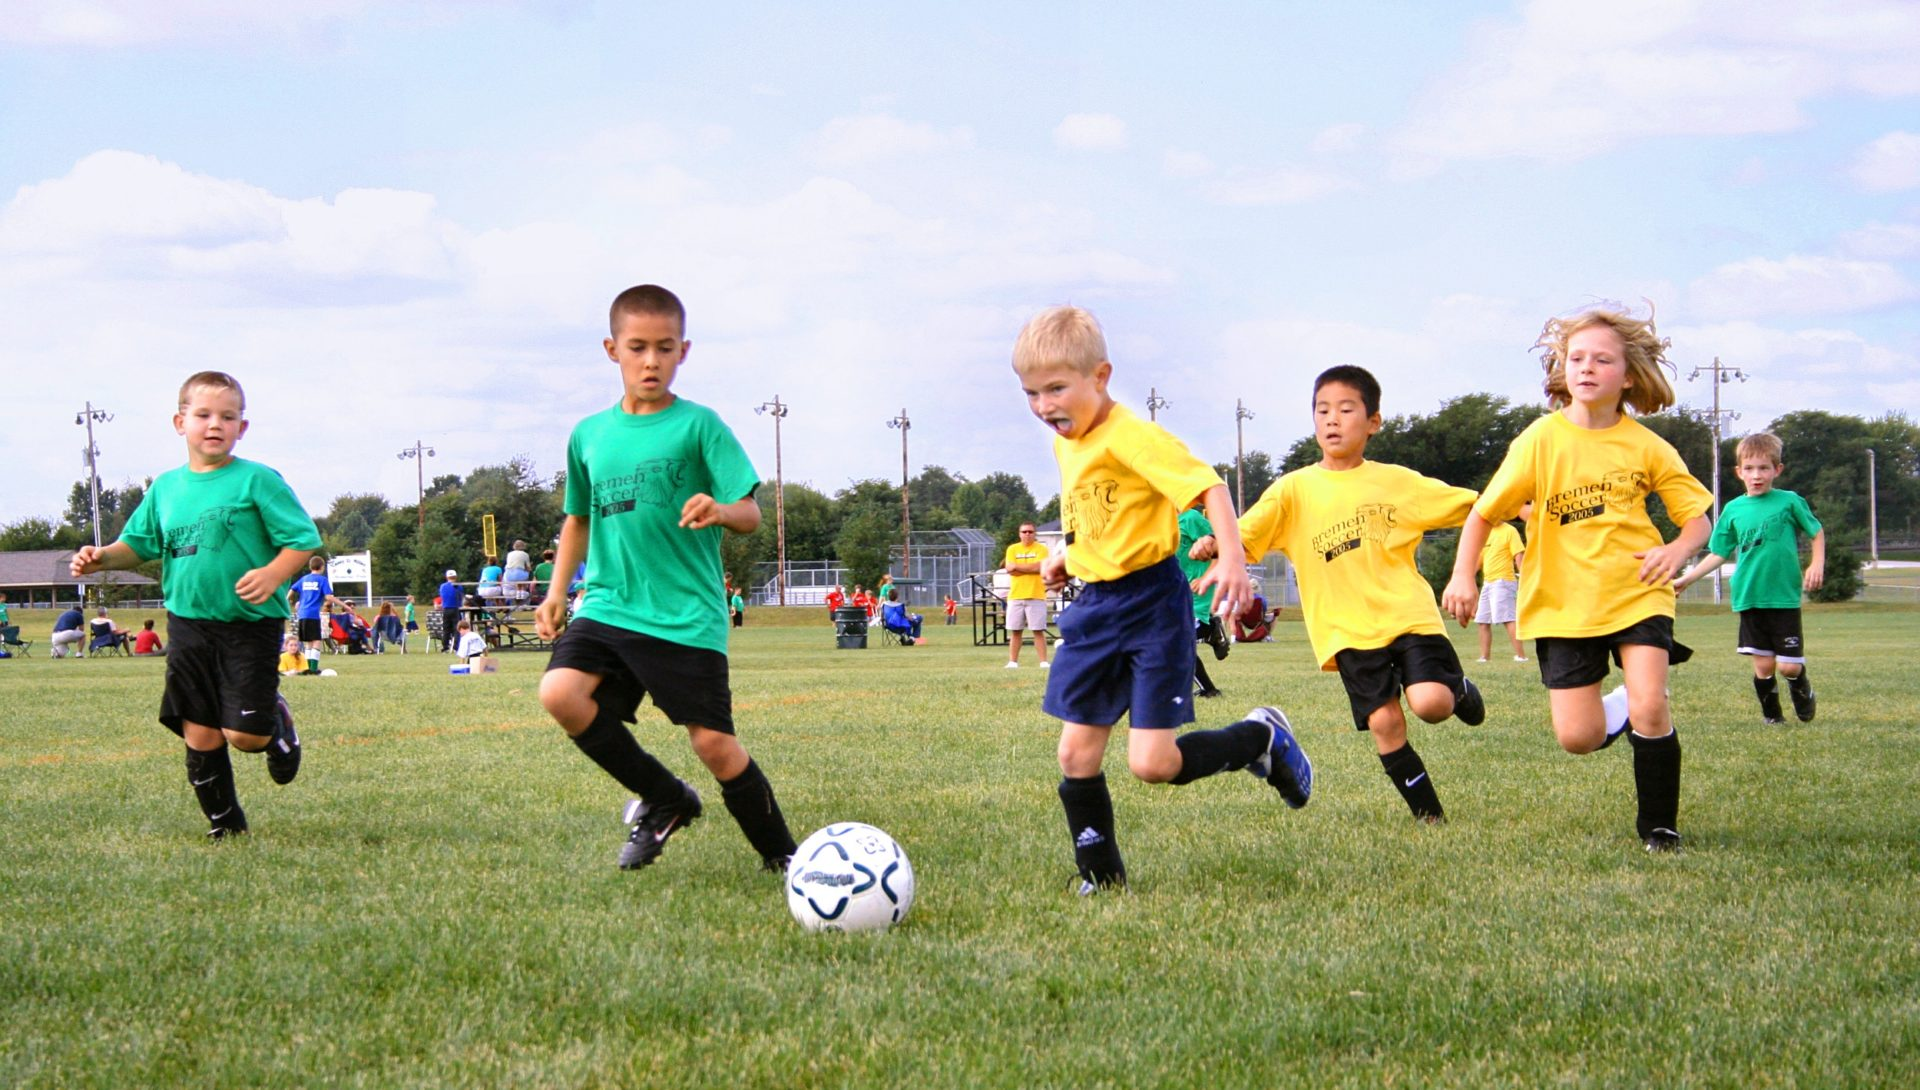 futebol-diversao-esporte-criancas